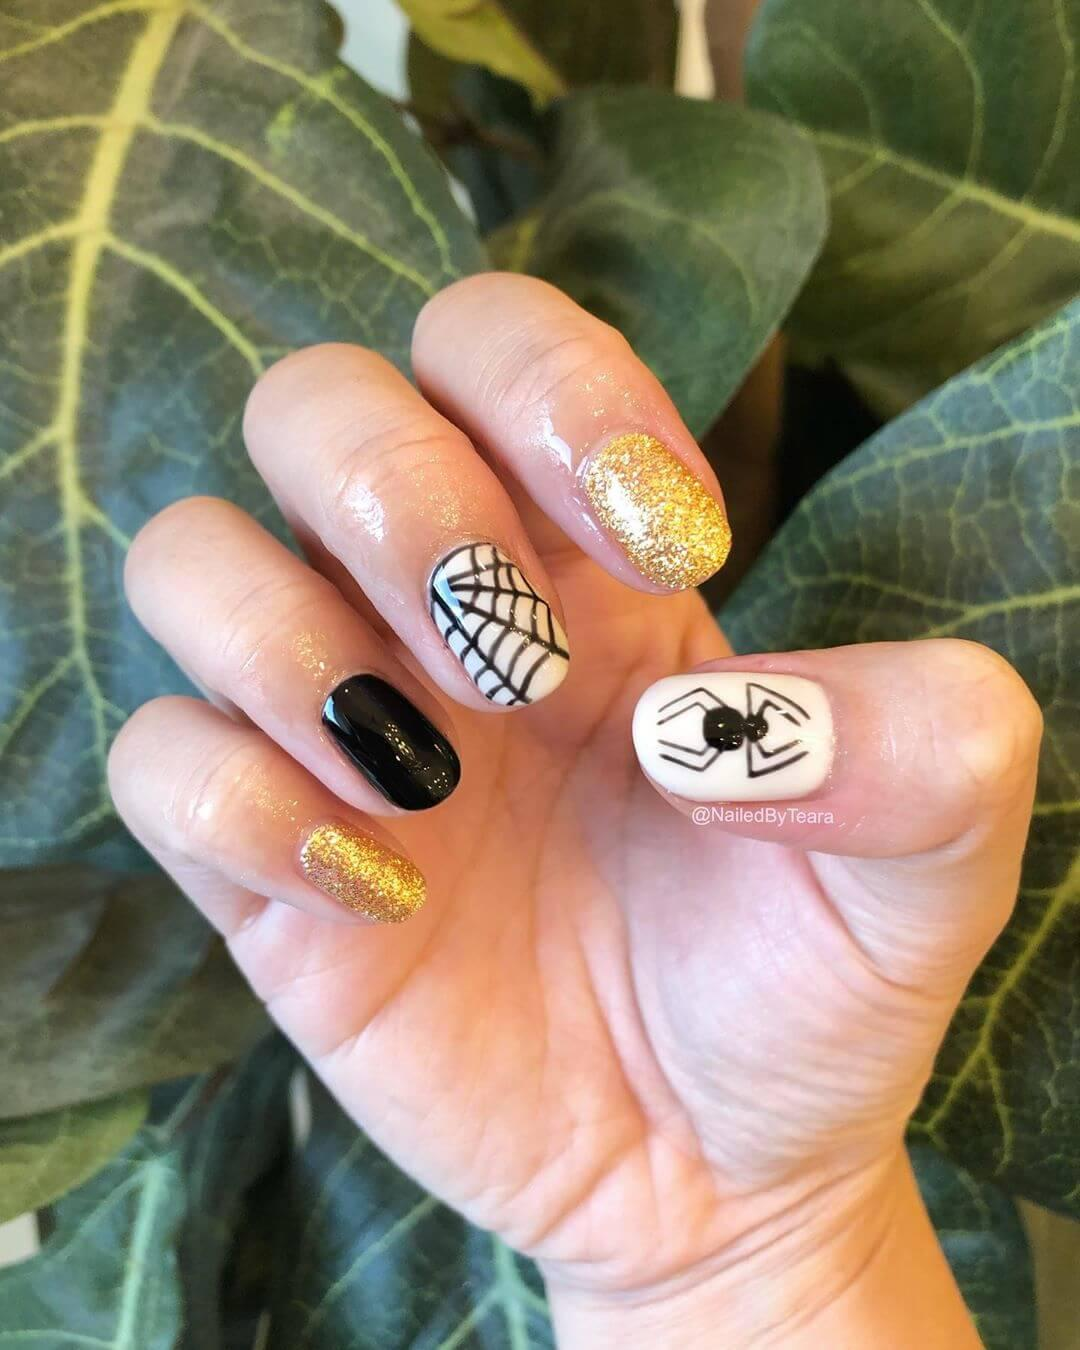 décoration d'art des ongles avec des araignées d'halloween